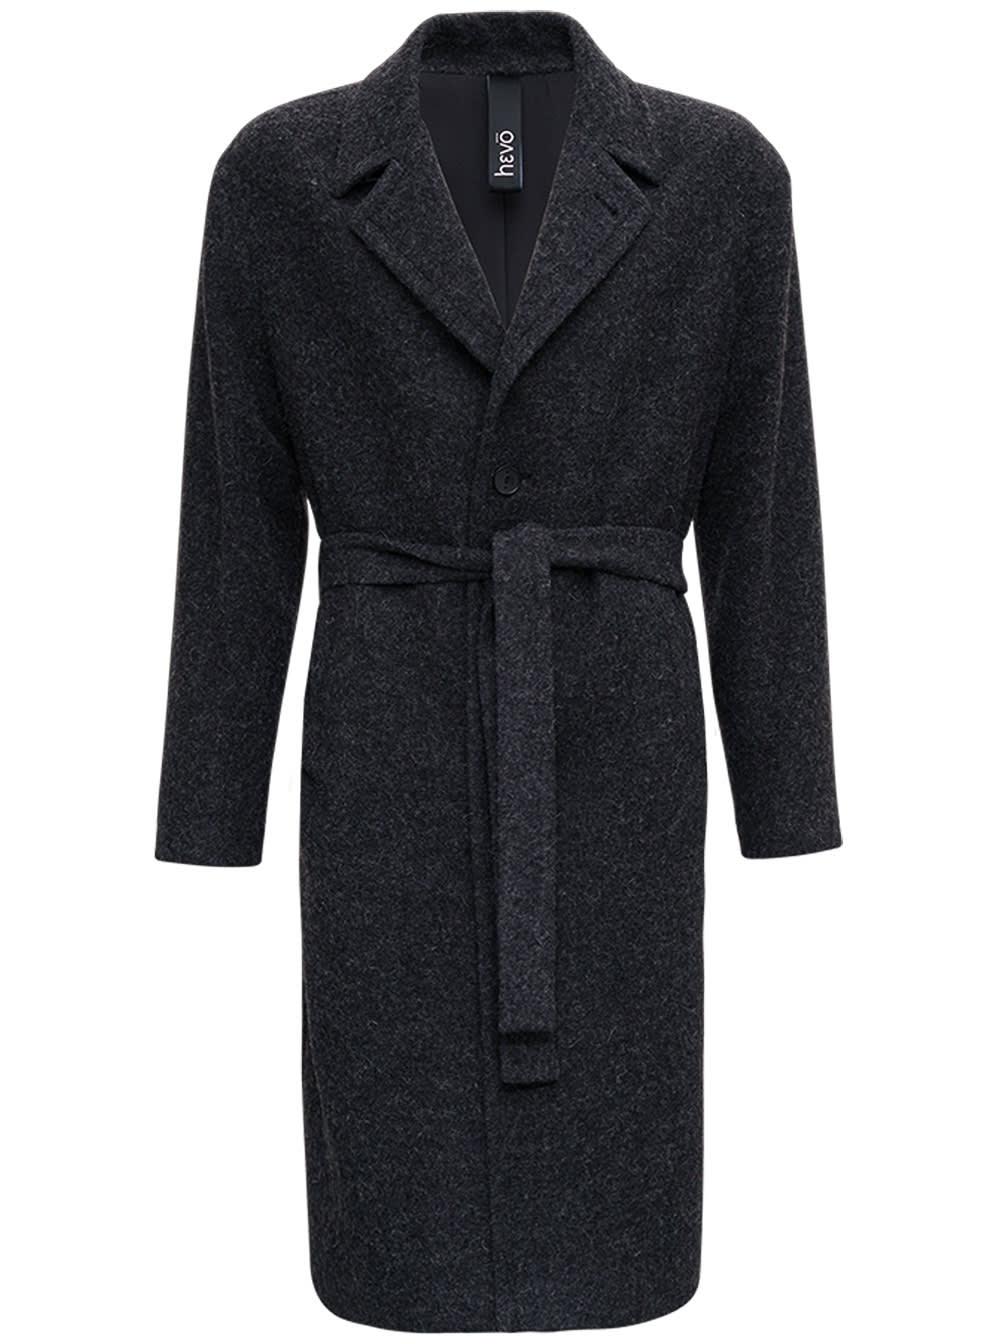 Ostuni Single-breasted Coat In Alpaca Blend With Belt